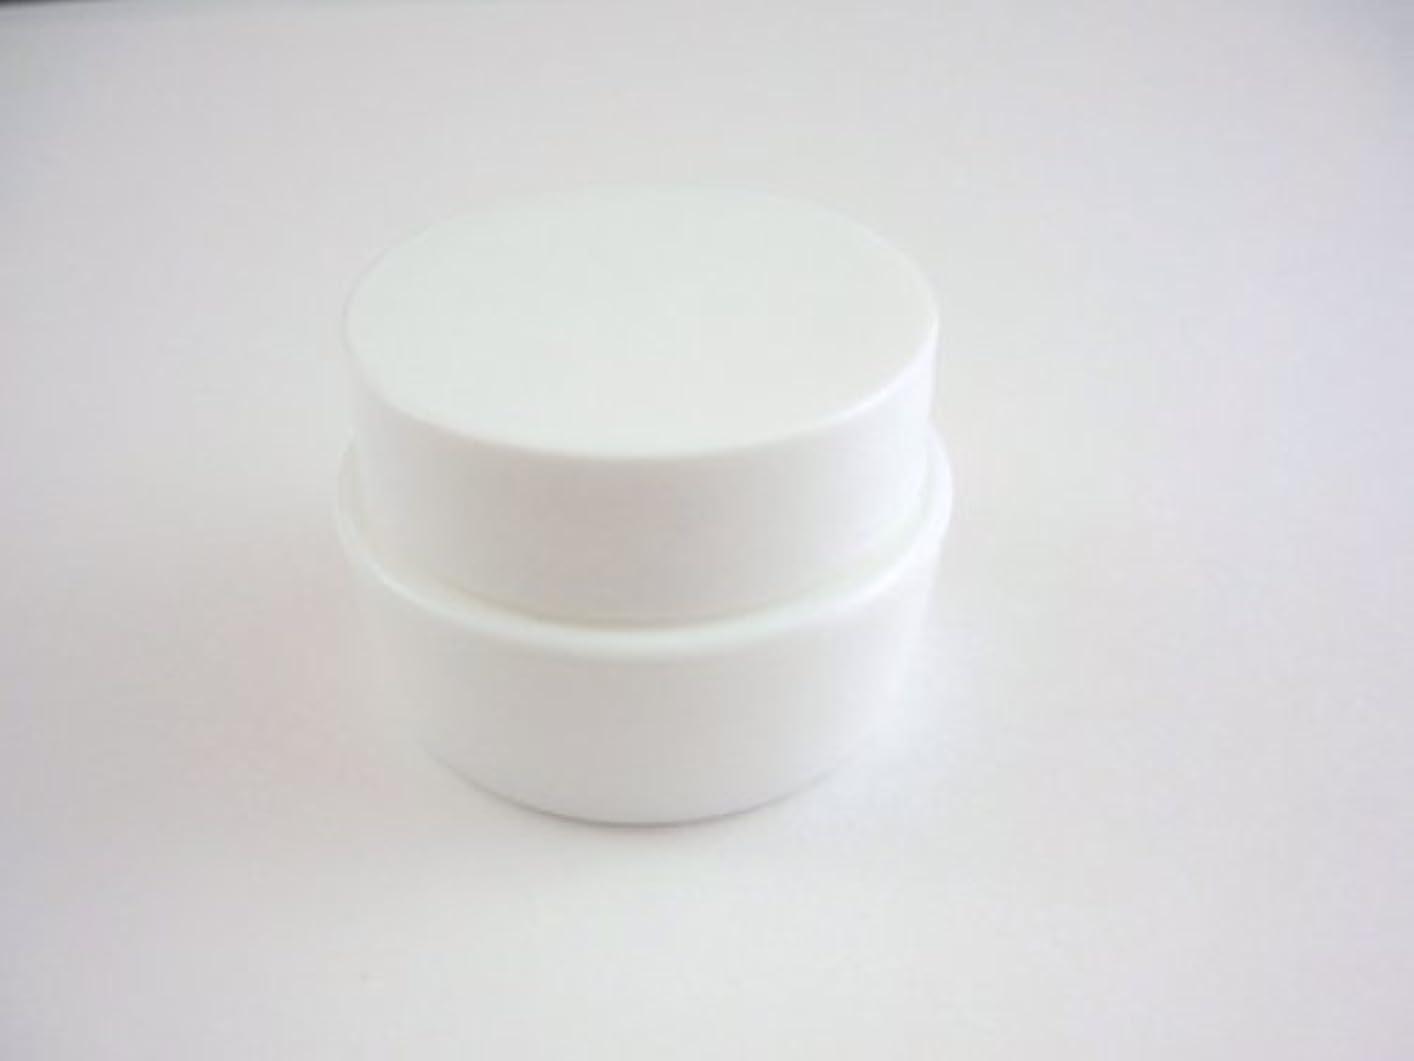 シャワー木ジェームズダイソンジェル空容器 3ml   ホワイト 10個セット